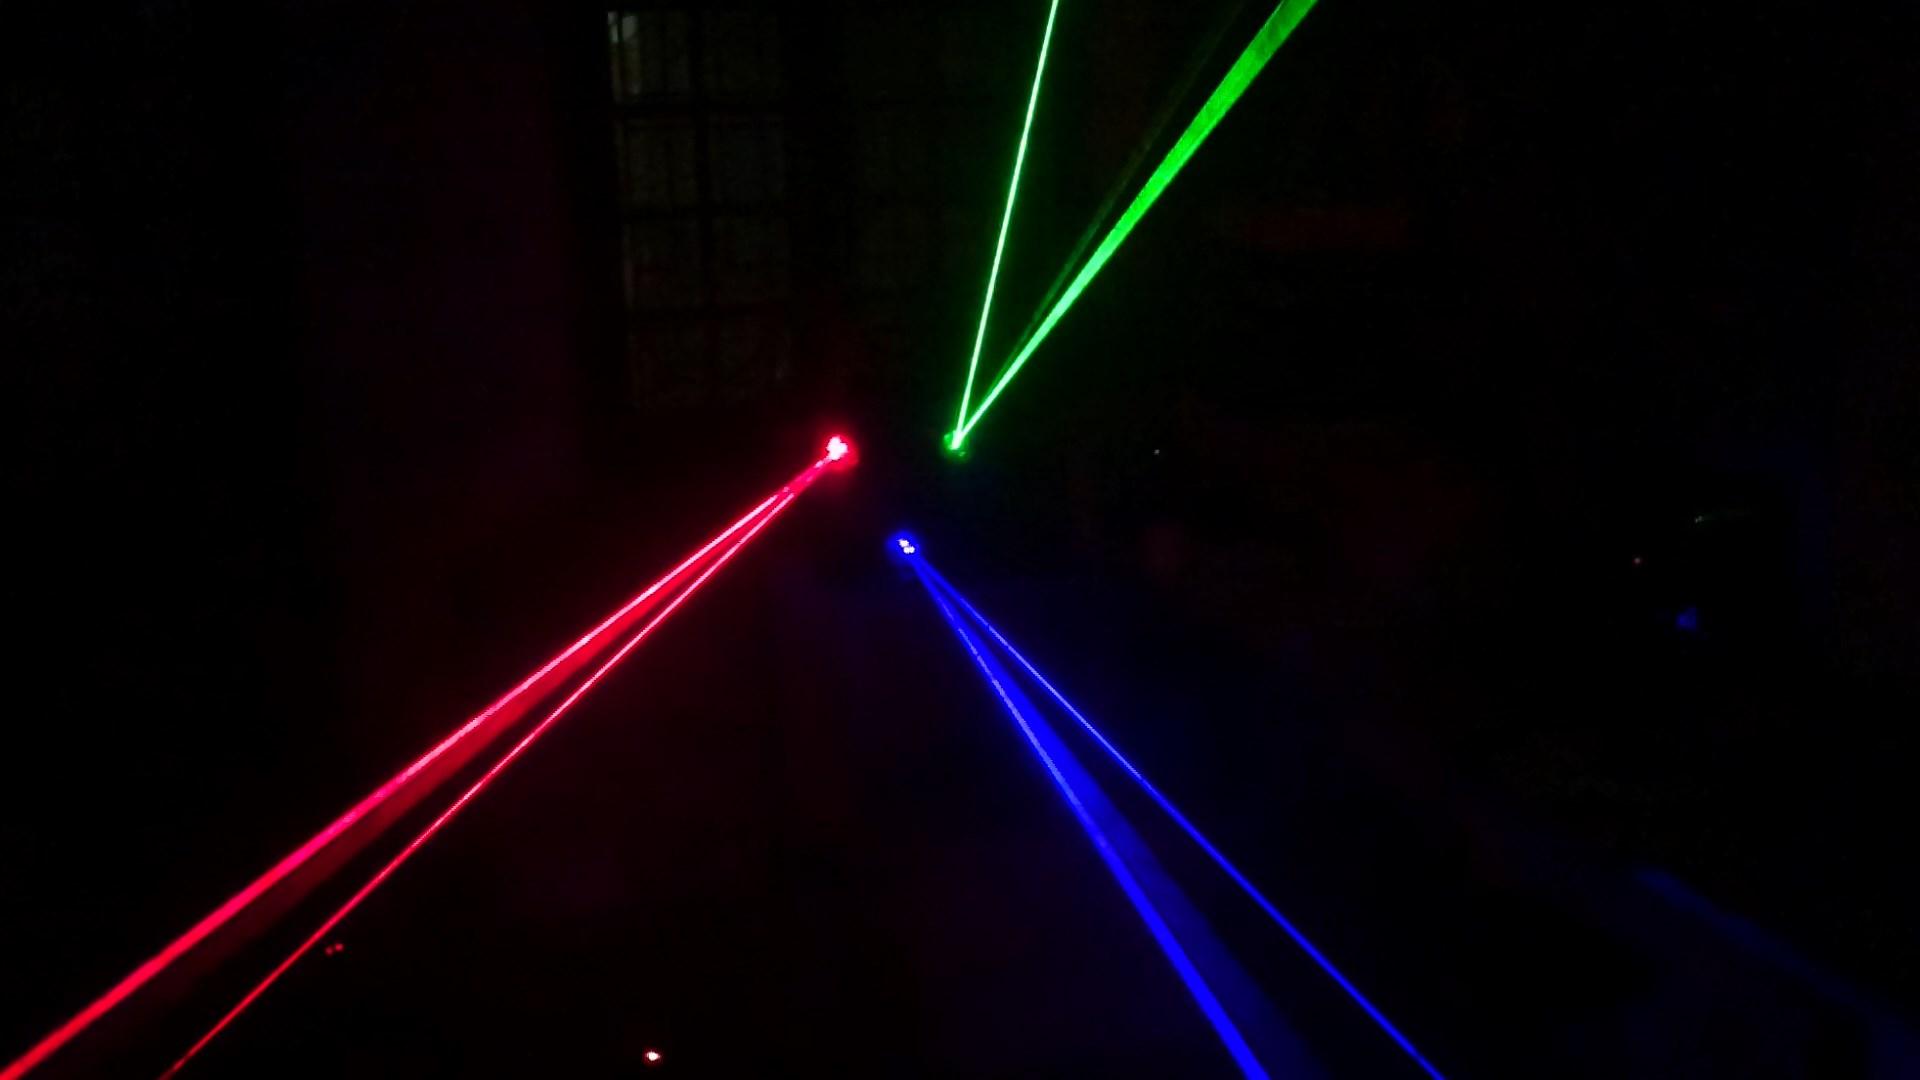 chùm tia đẹp mắt của Đèn laser trung tâm 3 cửa 3 màu